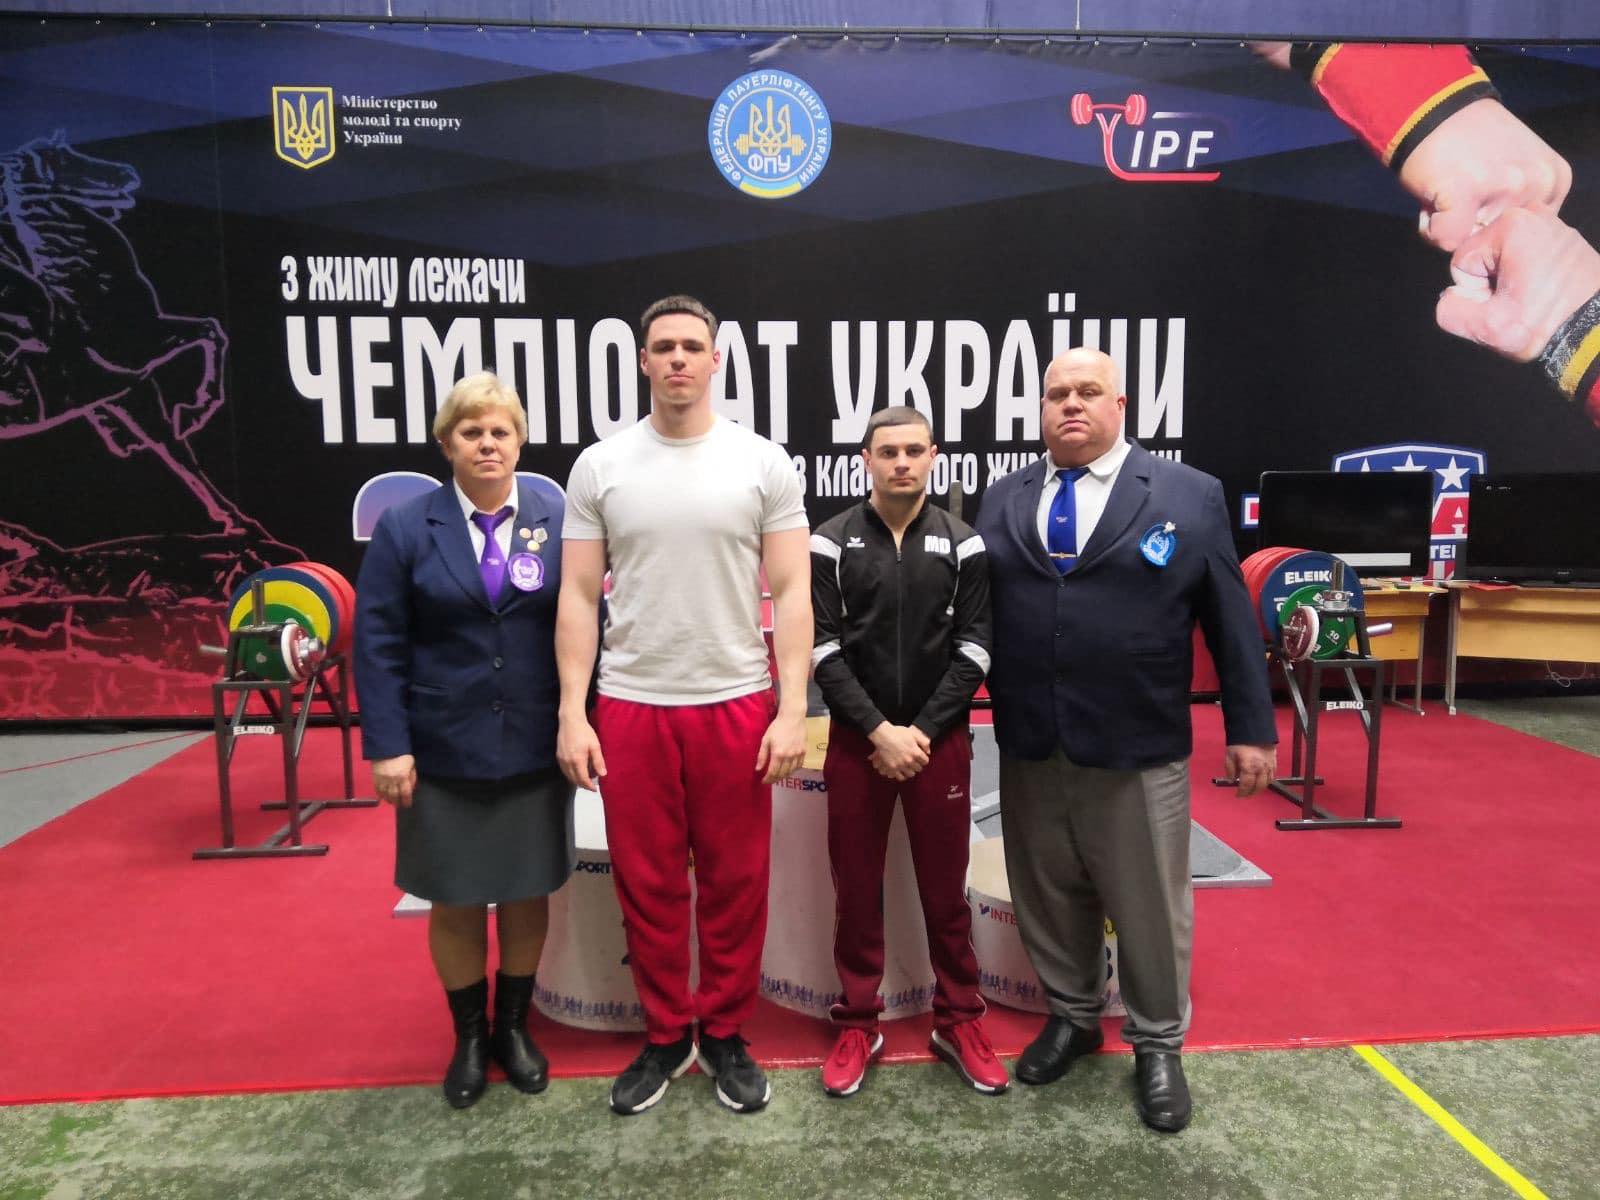 Вісім золотих медалей вибороли прикарпатські важкоатлети на Чемпіонаті України (ФОТО)